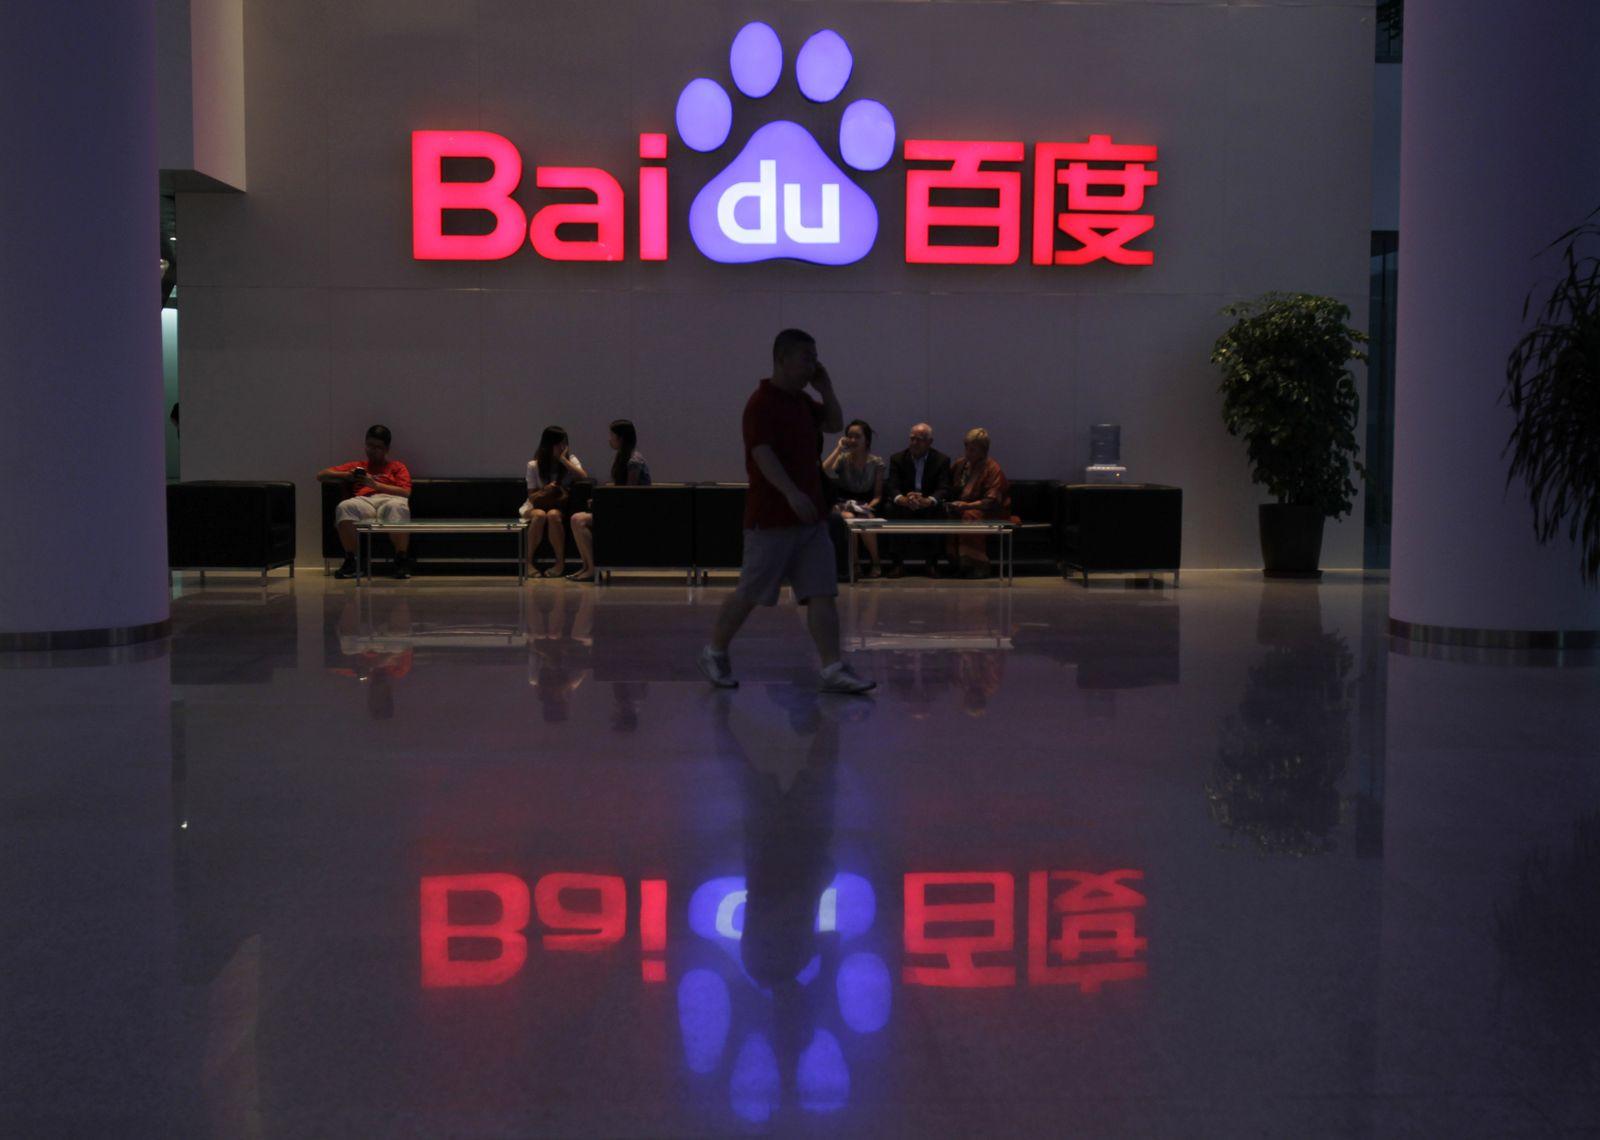 Baidu / China / Suchmaschine